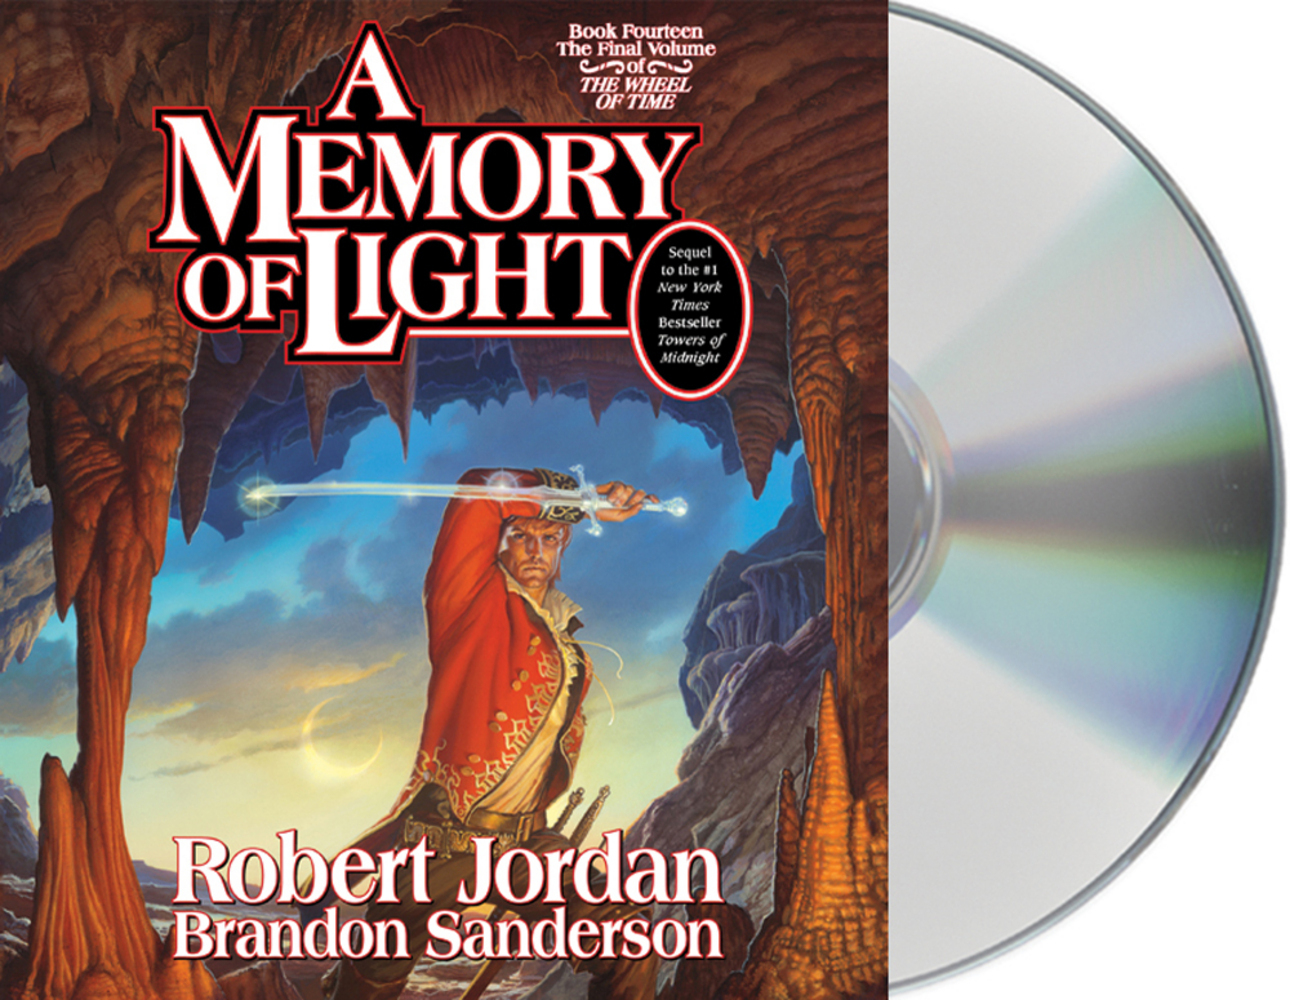 A Memory of Light